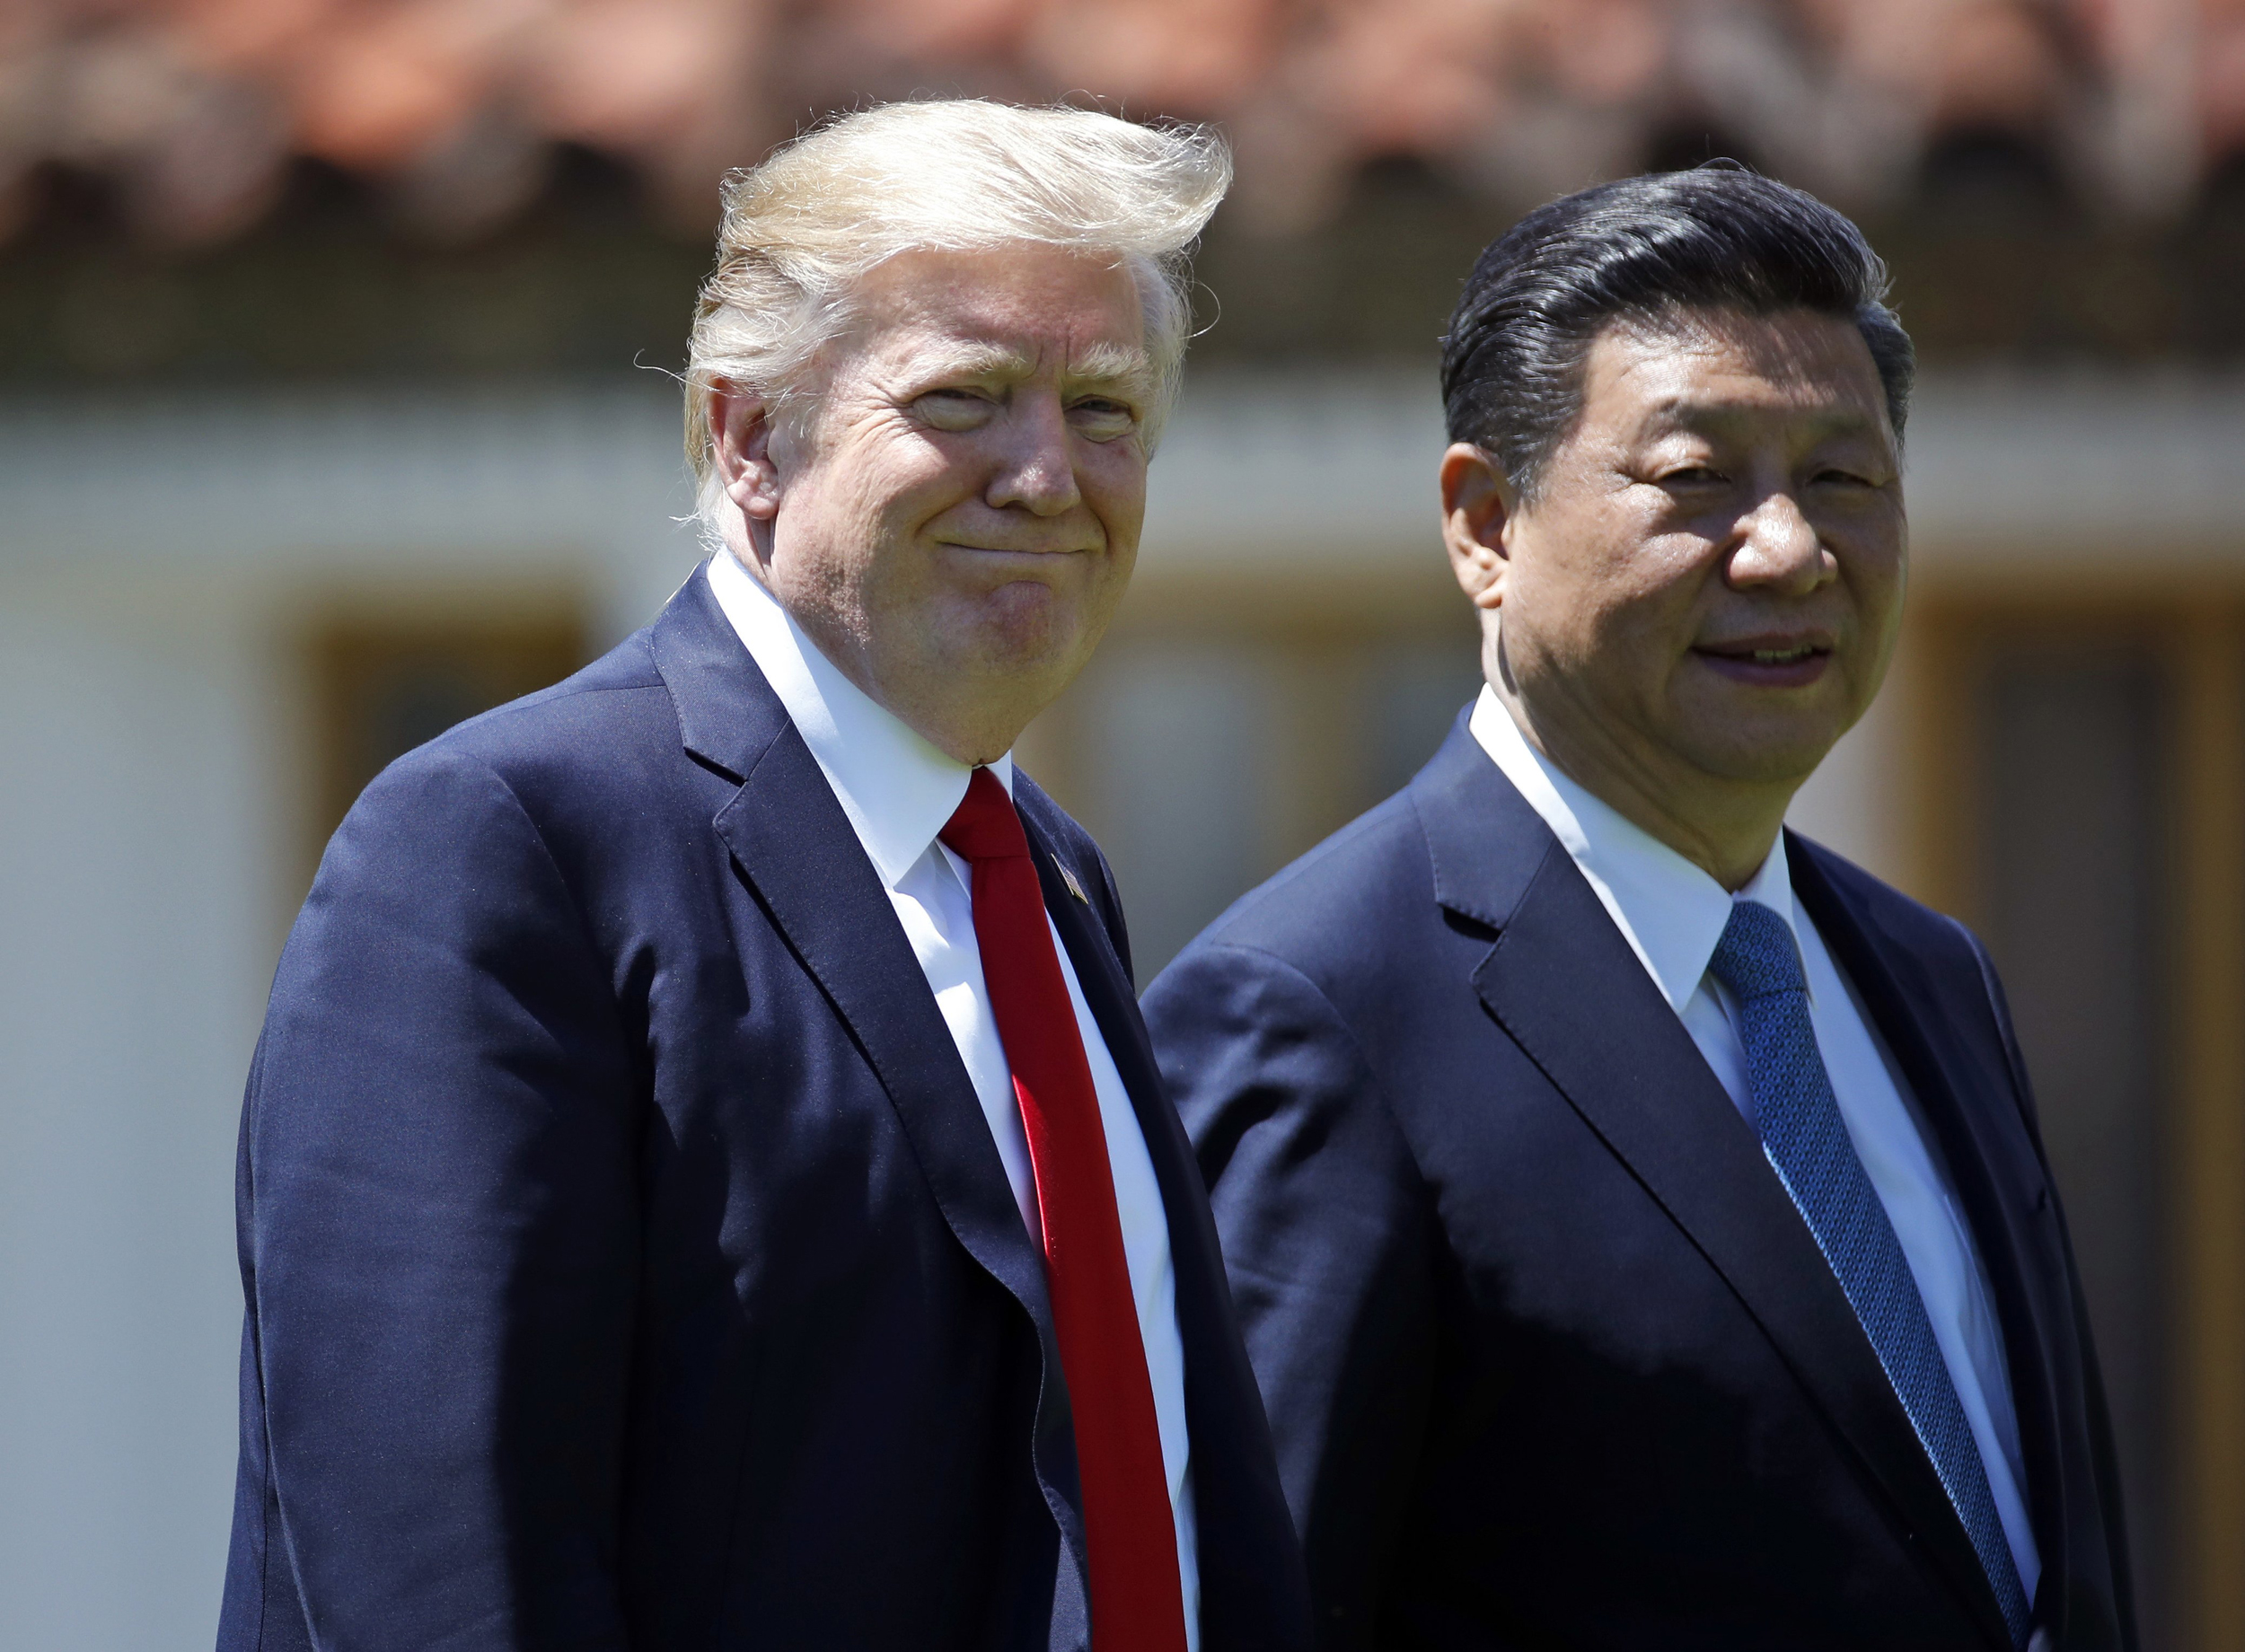 Image: Donald Trump, Xi Jinping